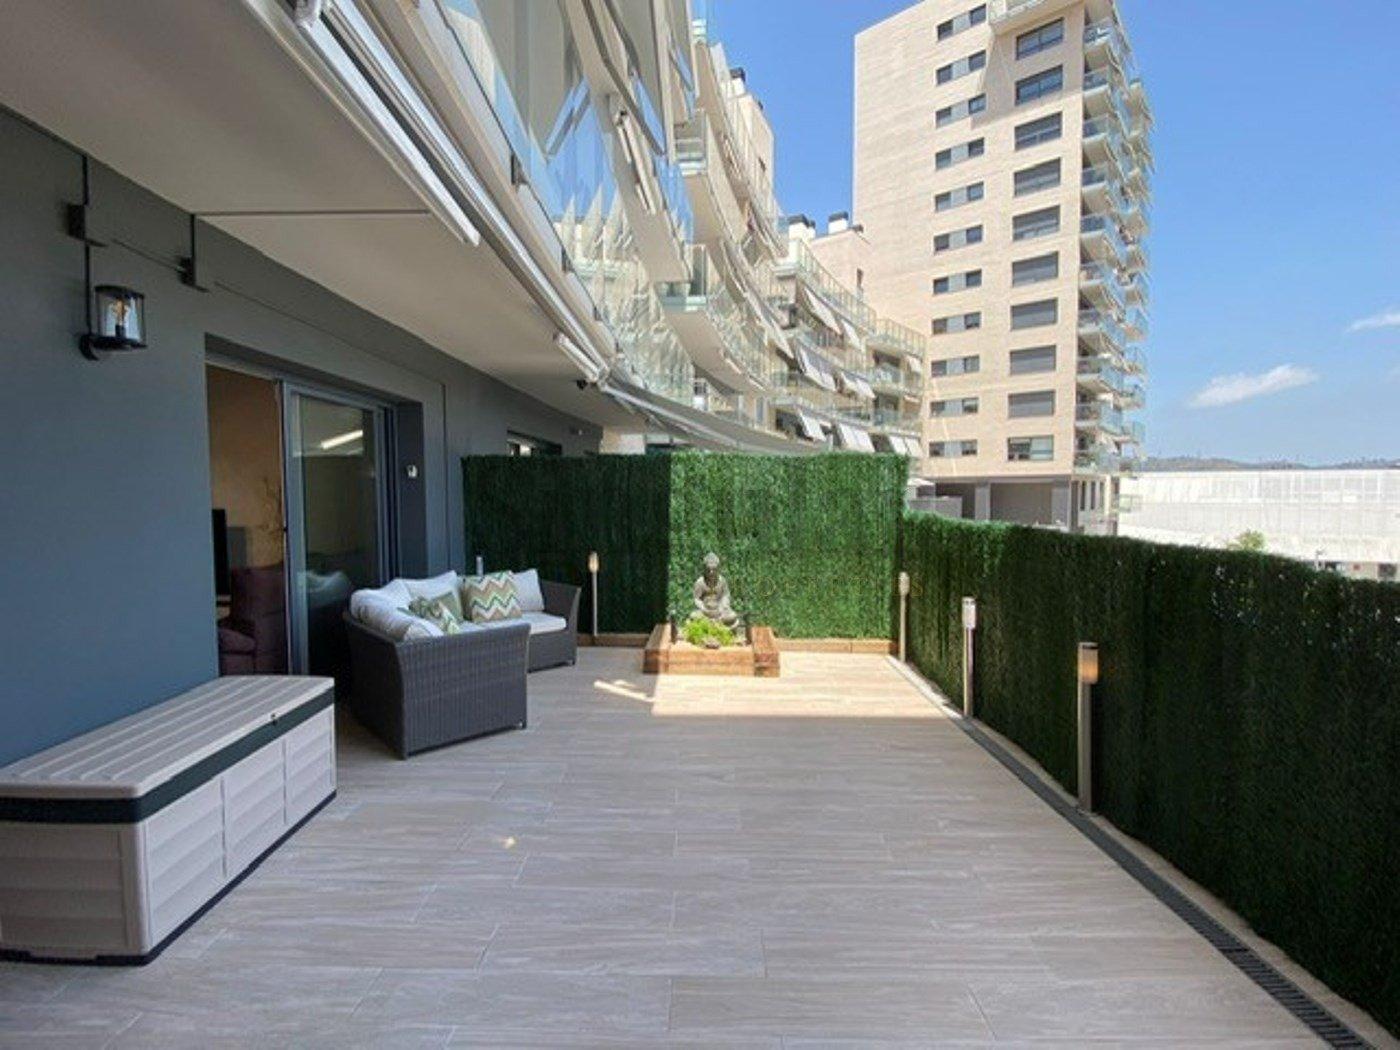 Apartamento planta baja en venta en La Teixonera, Barcelona